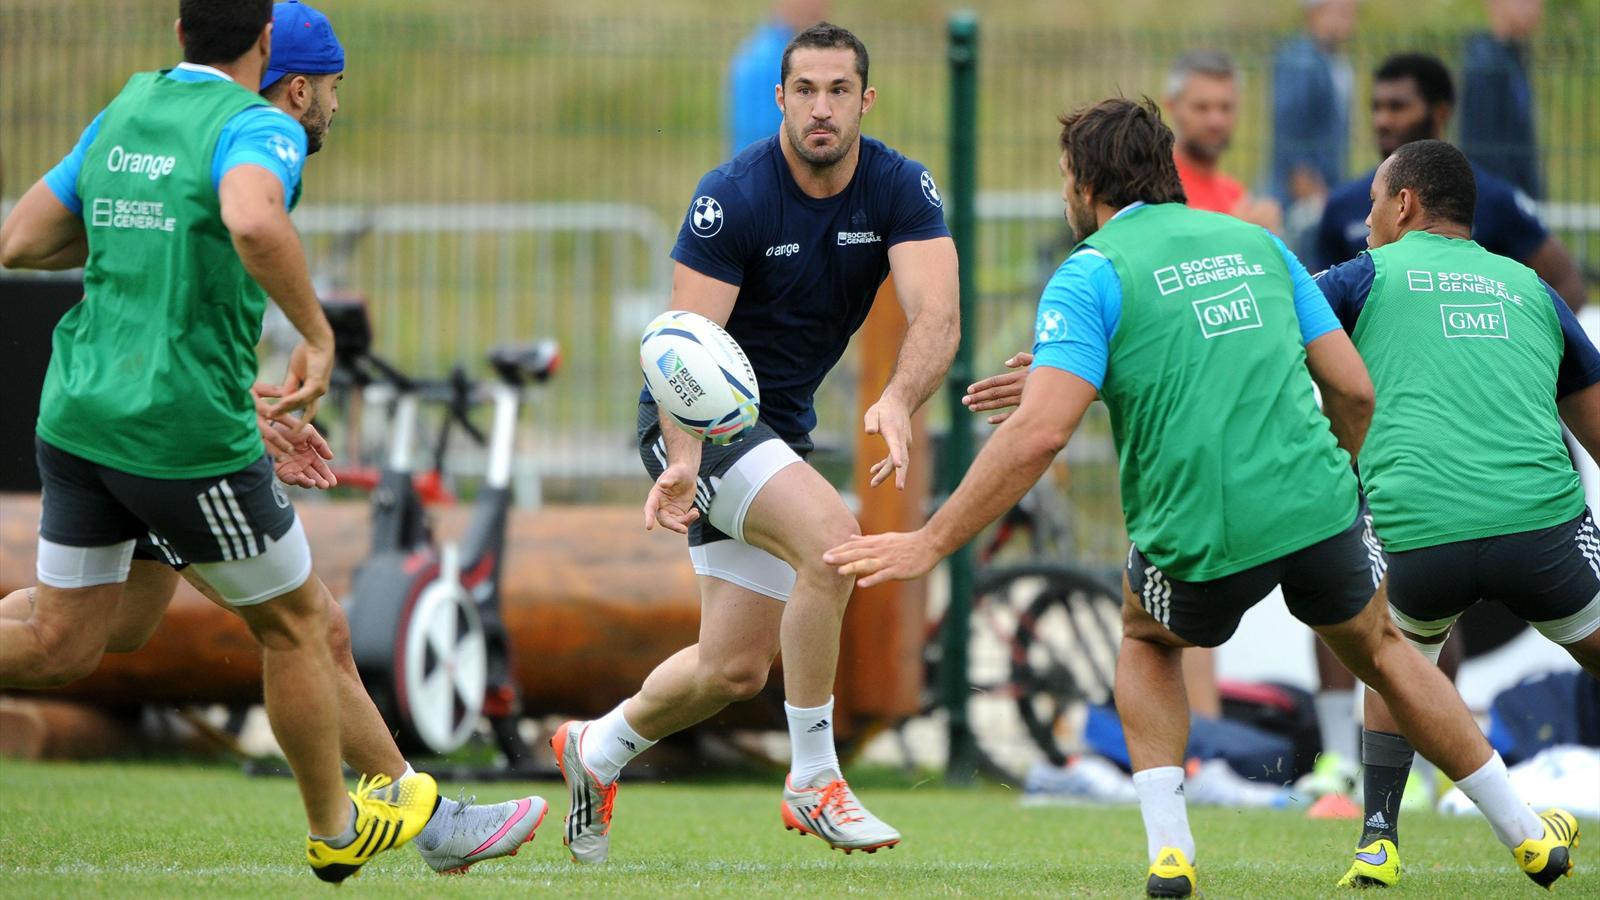 Coupe du monde xv de france le physique d 39 accord mais - Coupe de france rugby 2015 ...